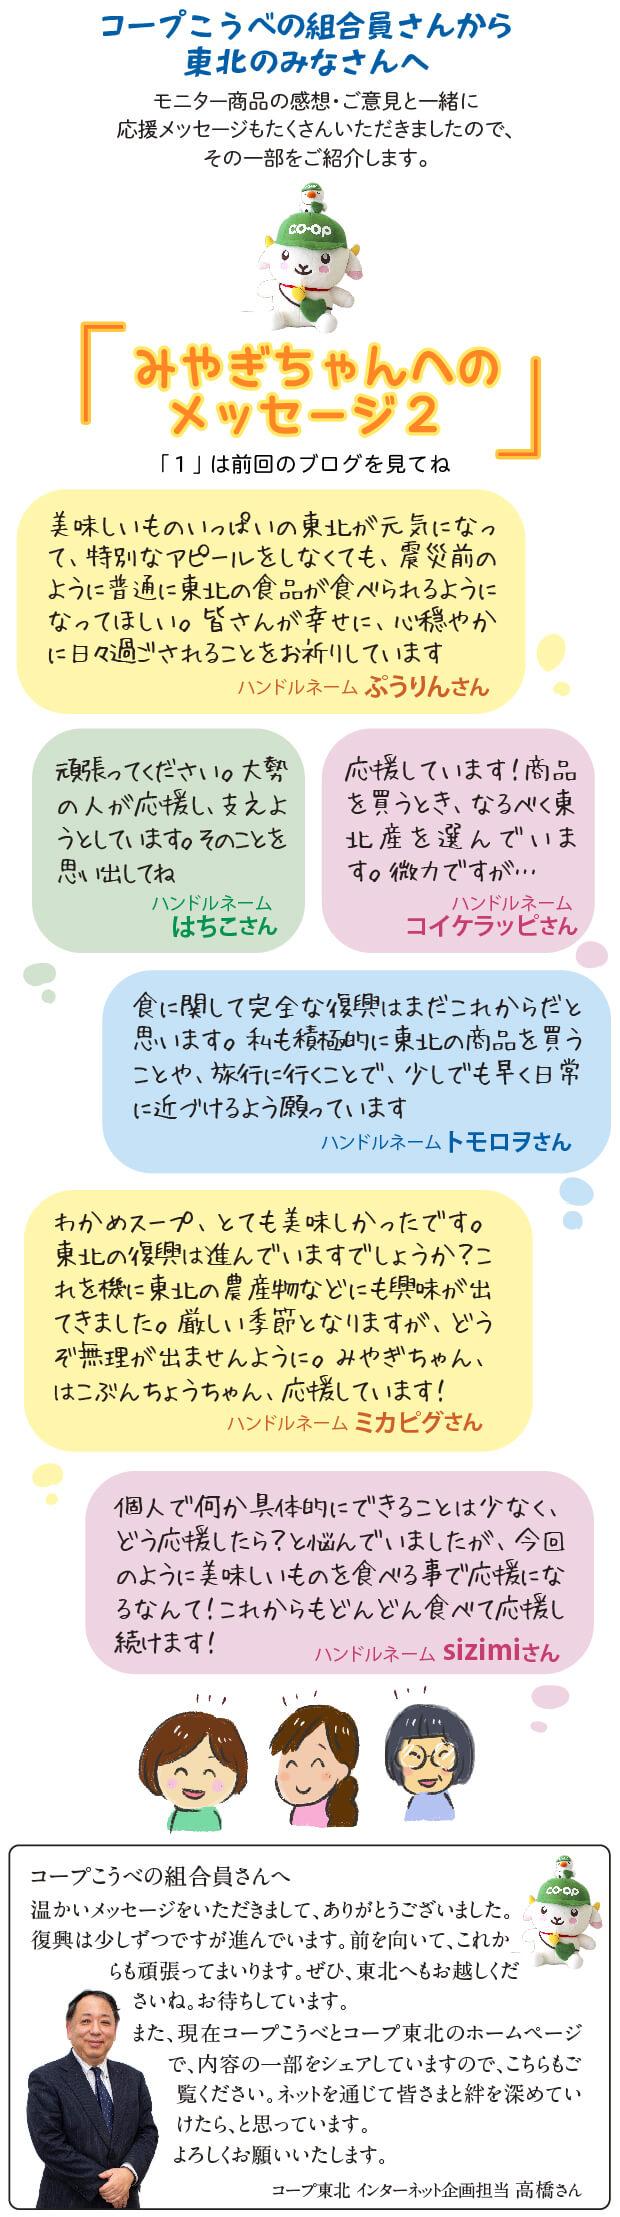 miyagi02_v_img12.jpg